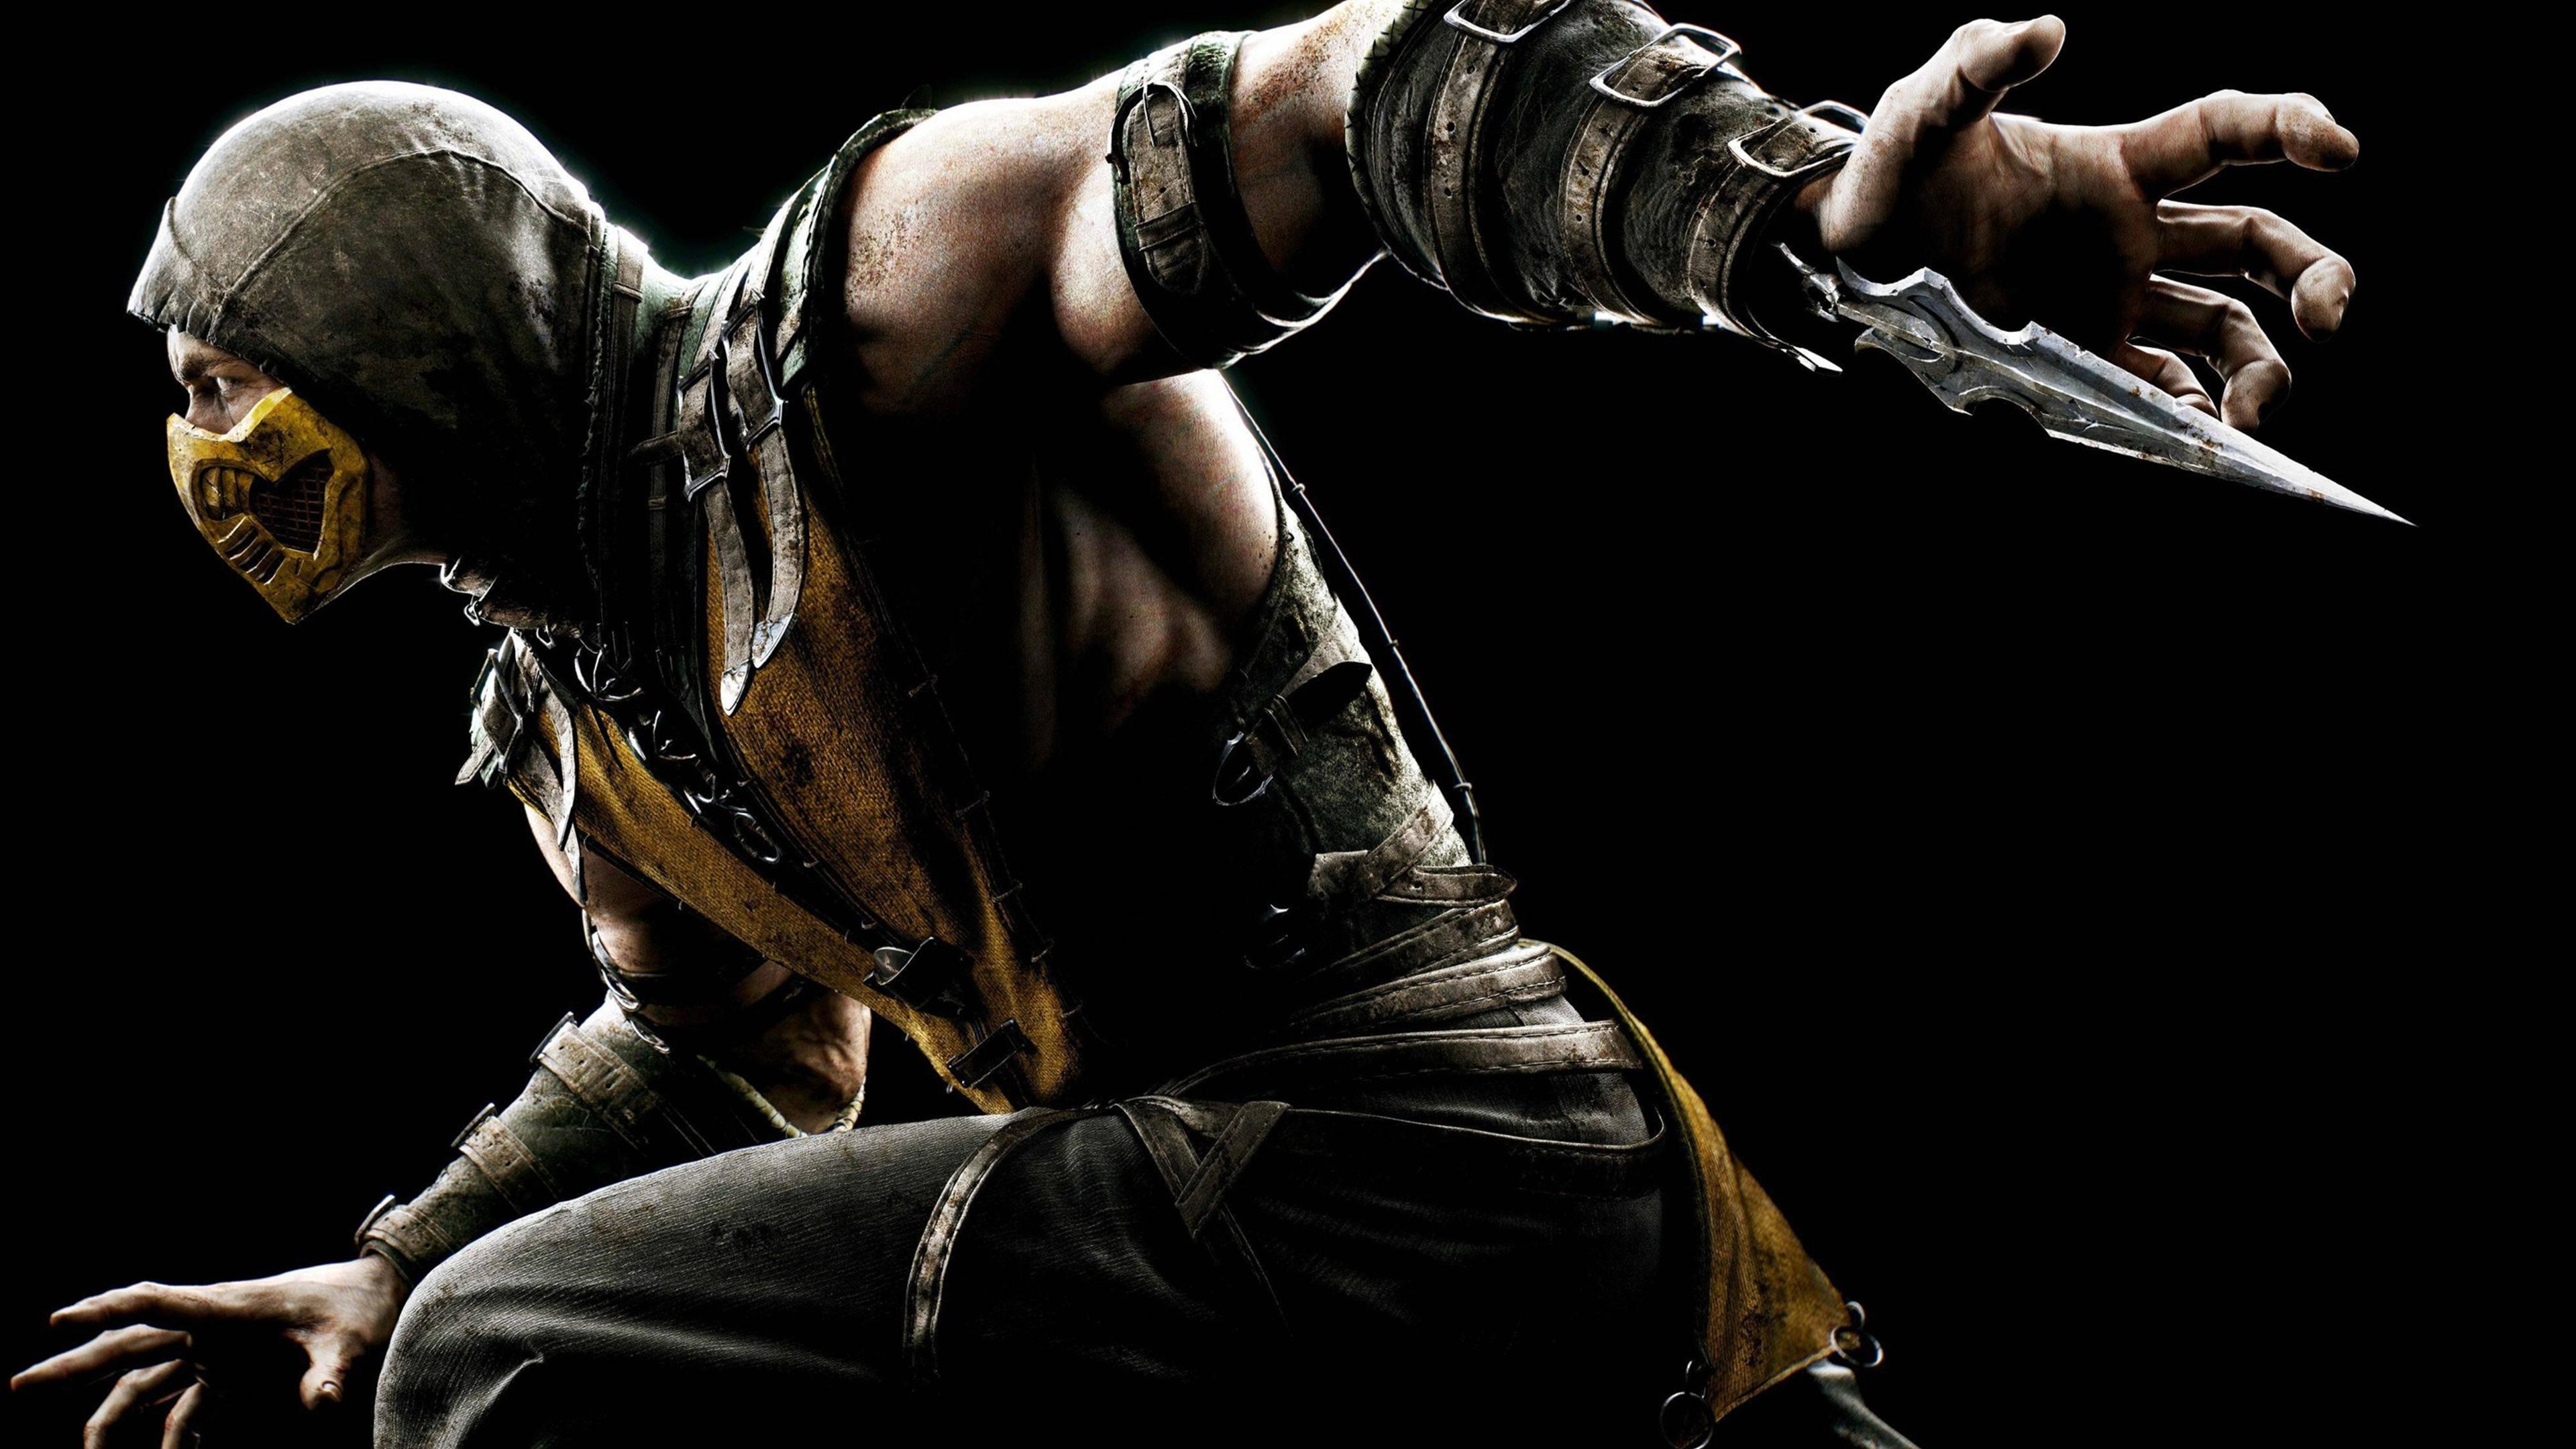 1600x900 Mortal Kombat X Scorpion 1600x900 Resolution Hd 4k